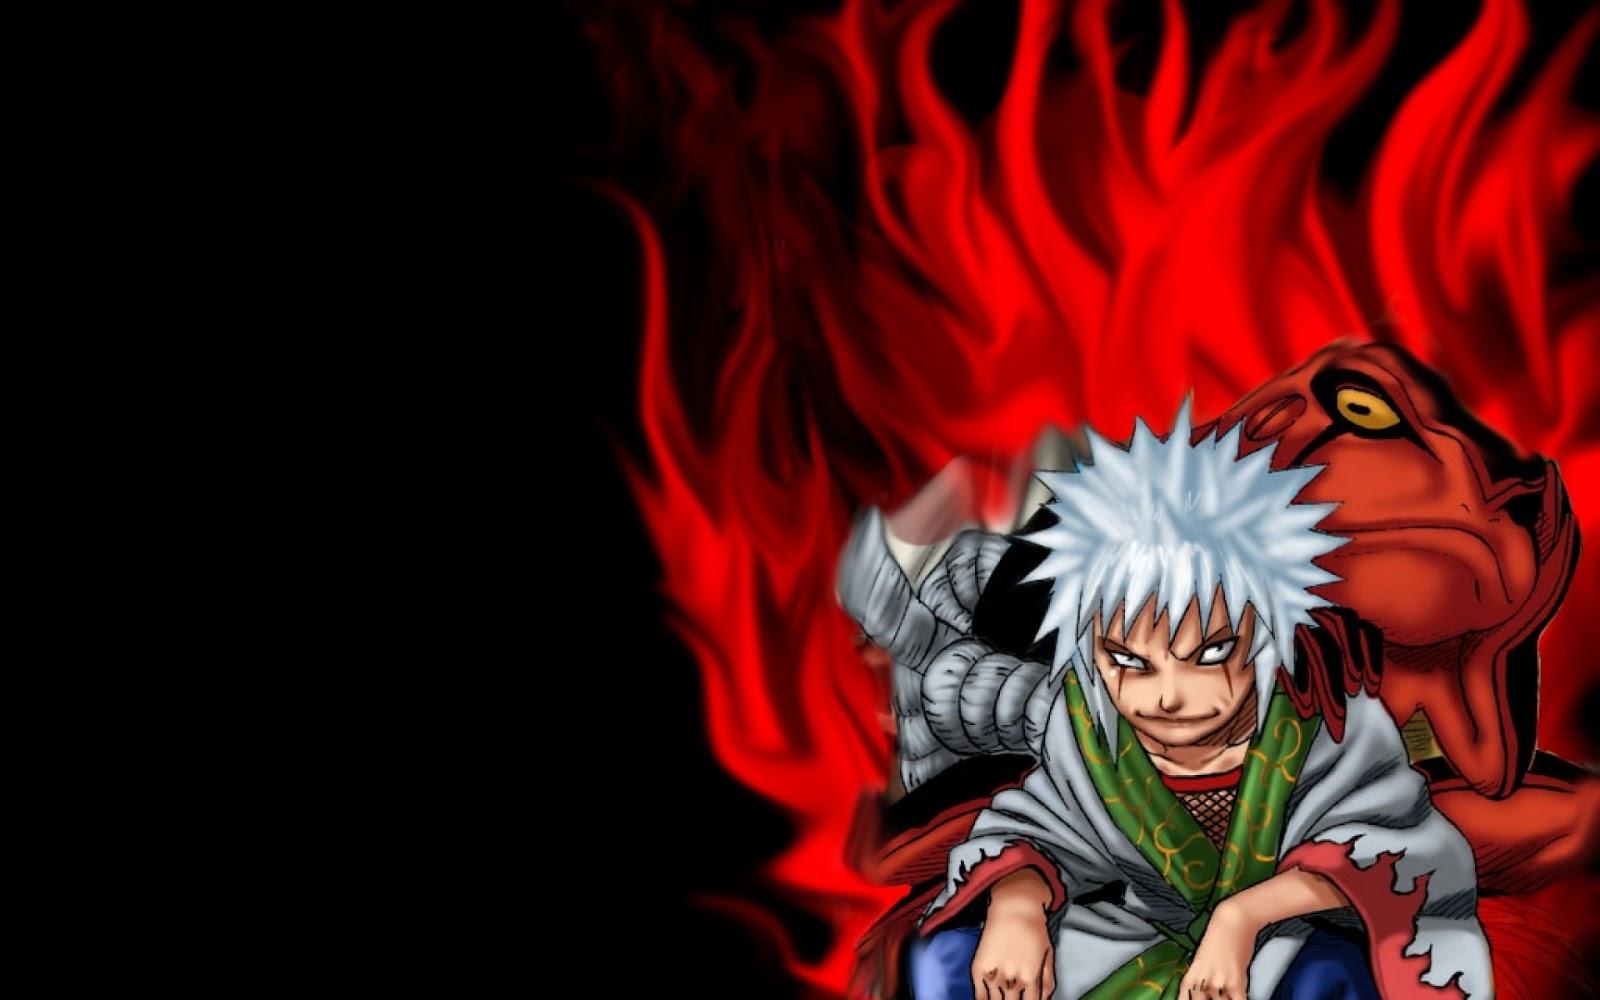 Download Wallpaper Naruto 1080p - RIsovD  Graphic_807359.jpg